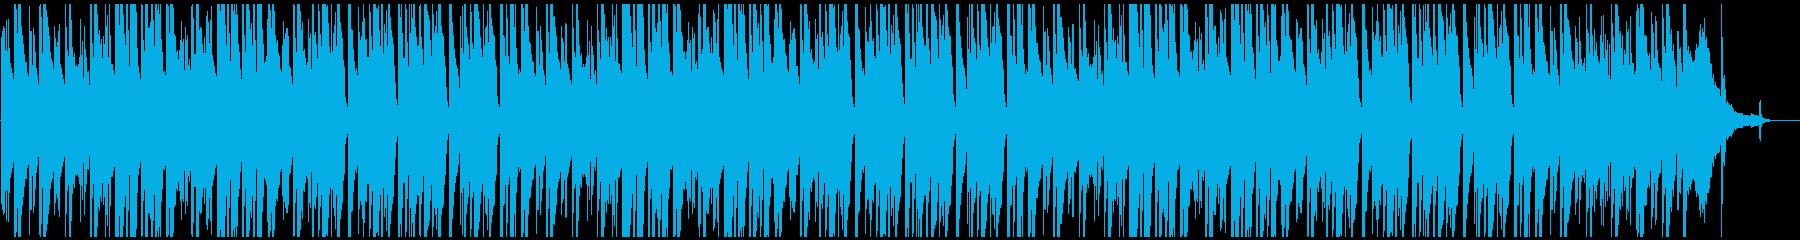 3連系ピアノ曲の再生済みの波形